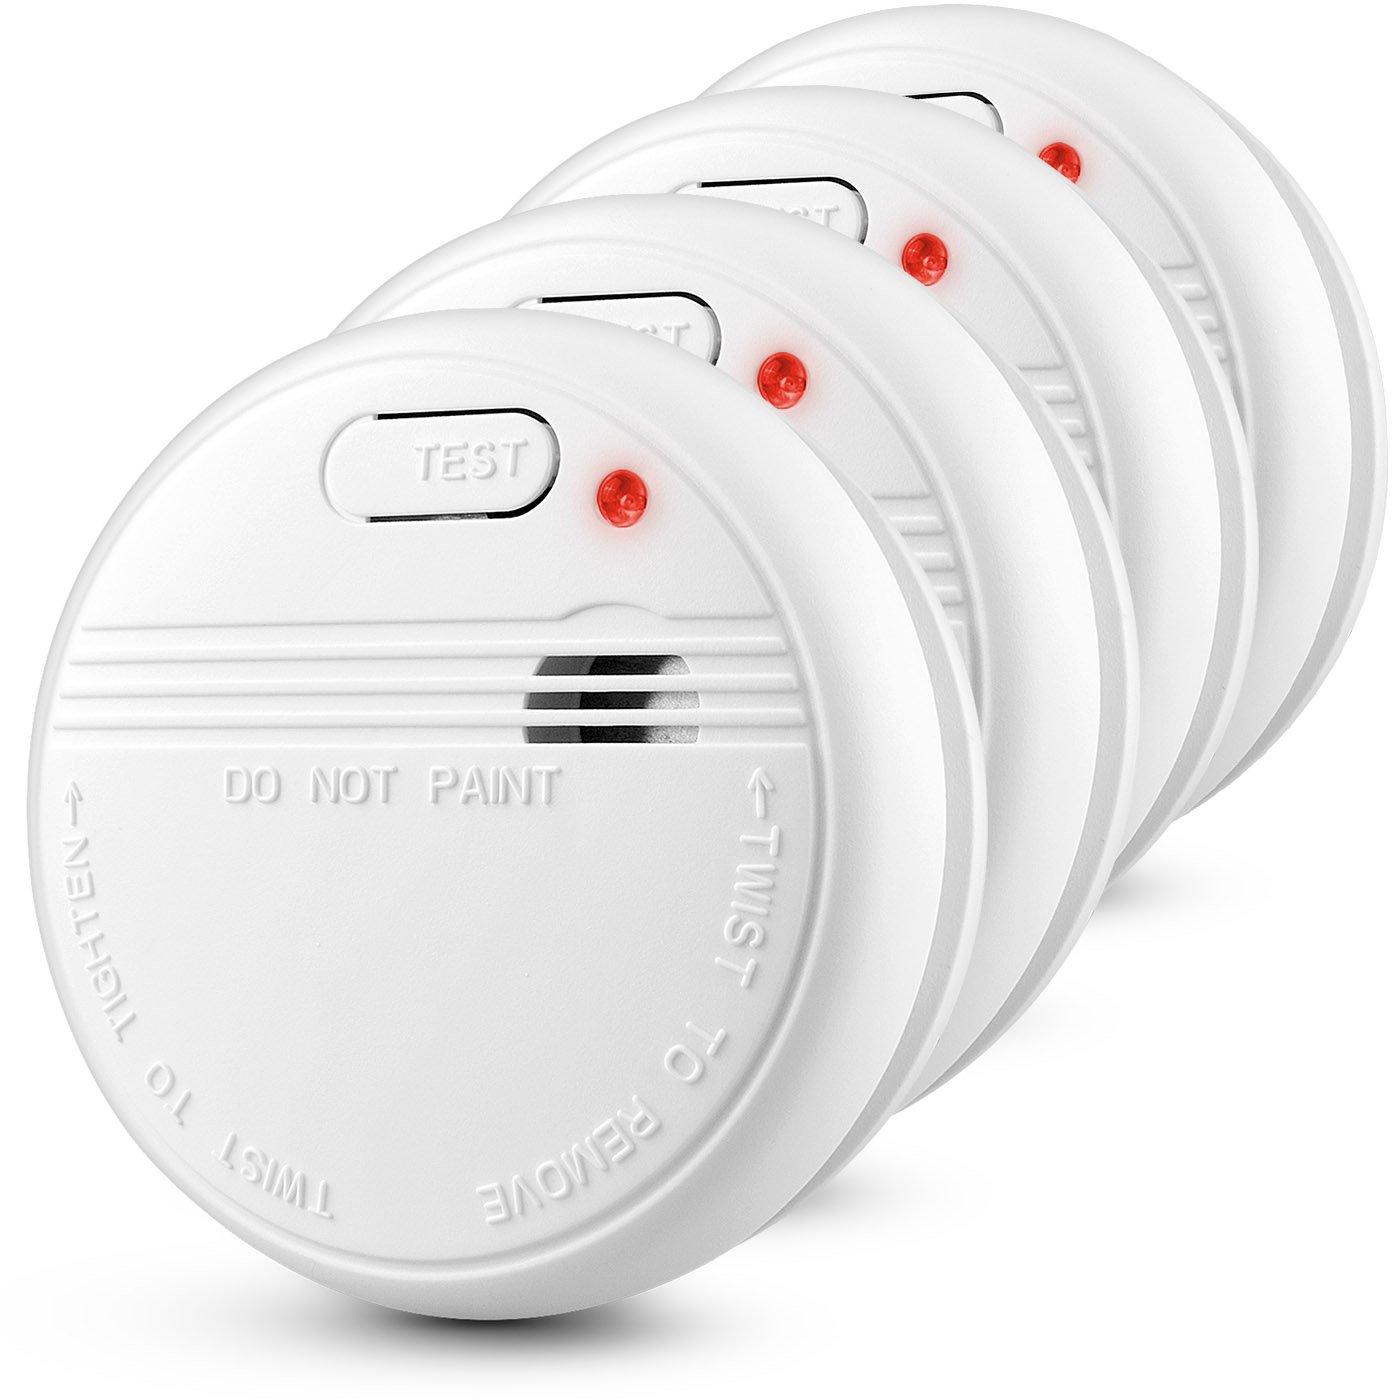 Alarma de humo independiente de 10 años con batería HEIMAN, VdS, BOSEC, EN14604, detector de humo con certificación CE, sensor fotoeléctrico de prueba Alarm-626PHS(3 Unidades)